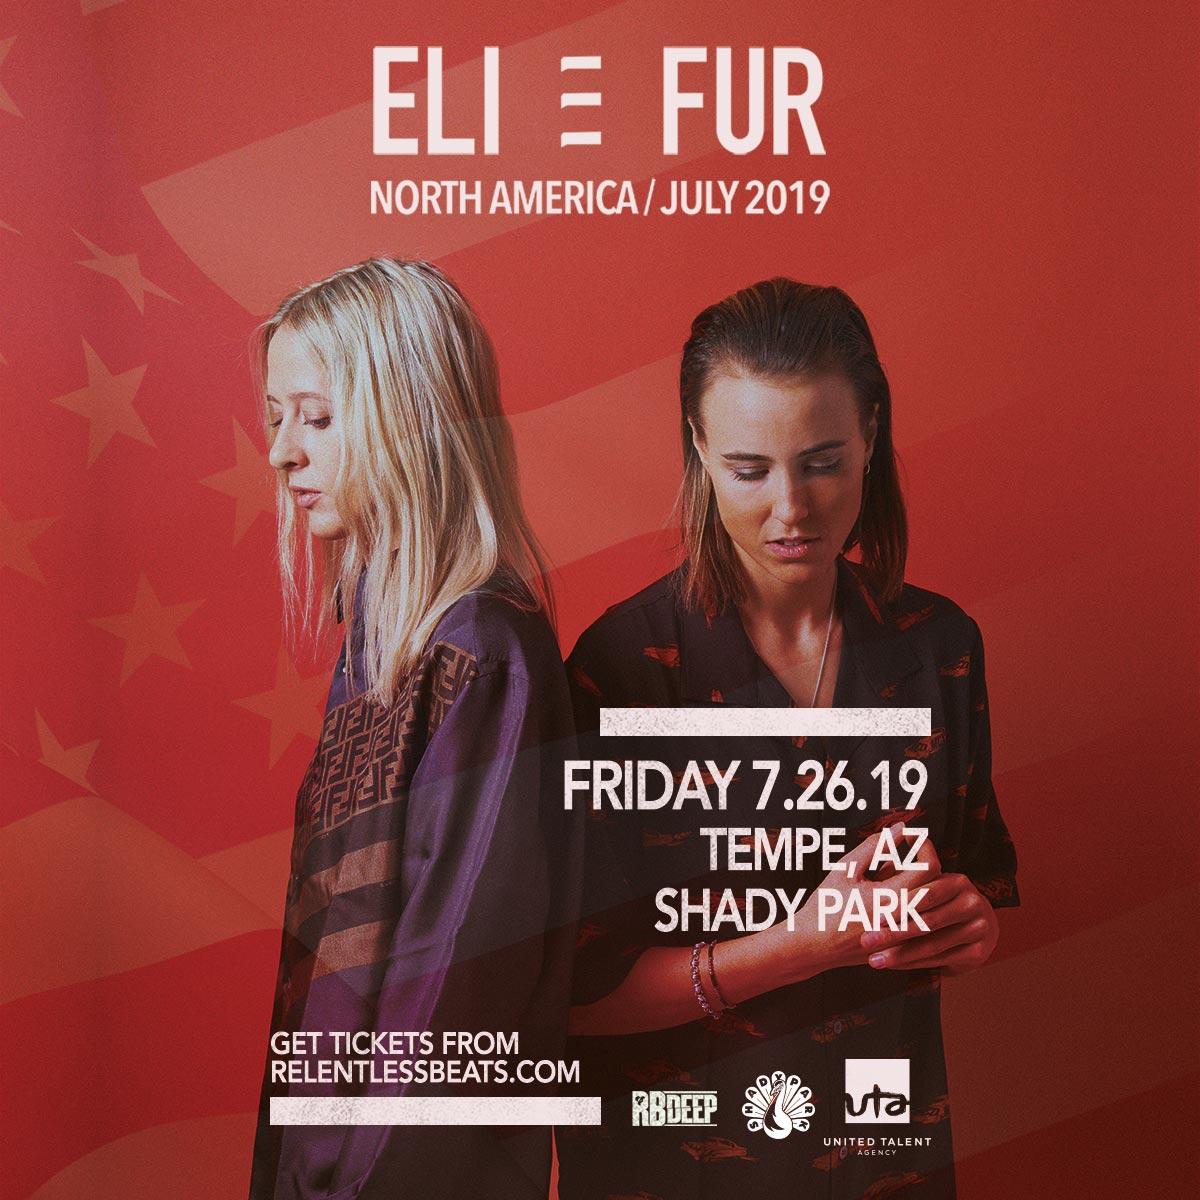 Flyer for Eli & Fur